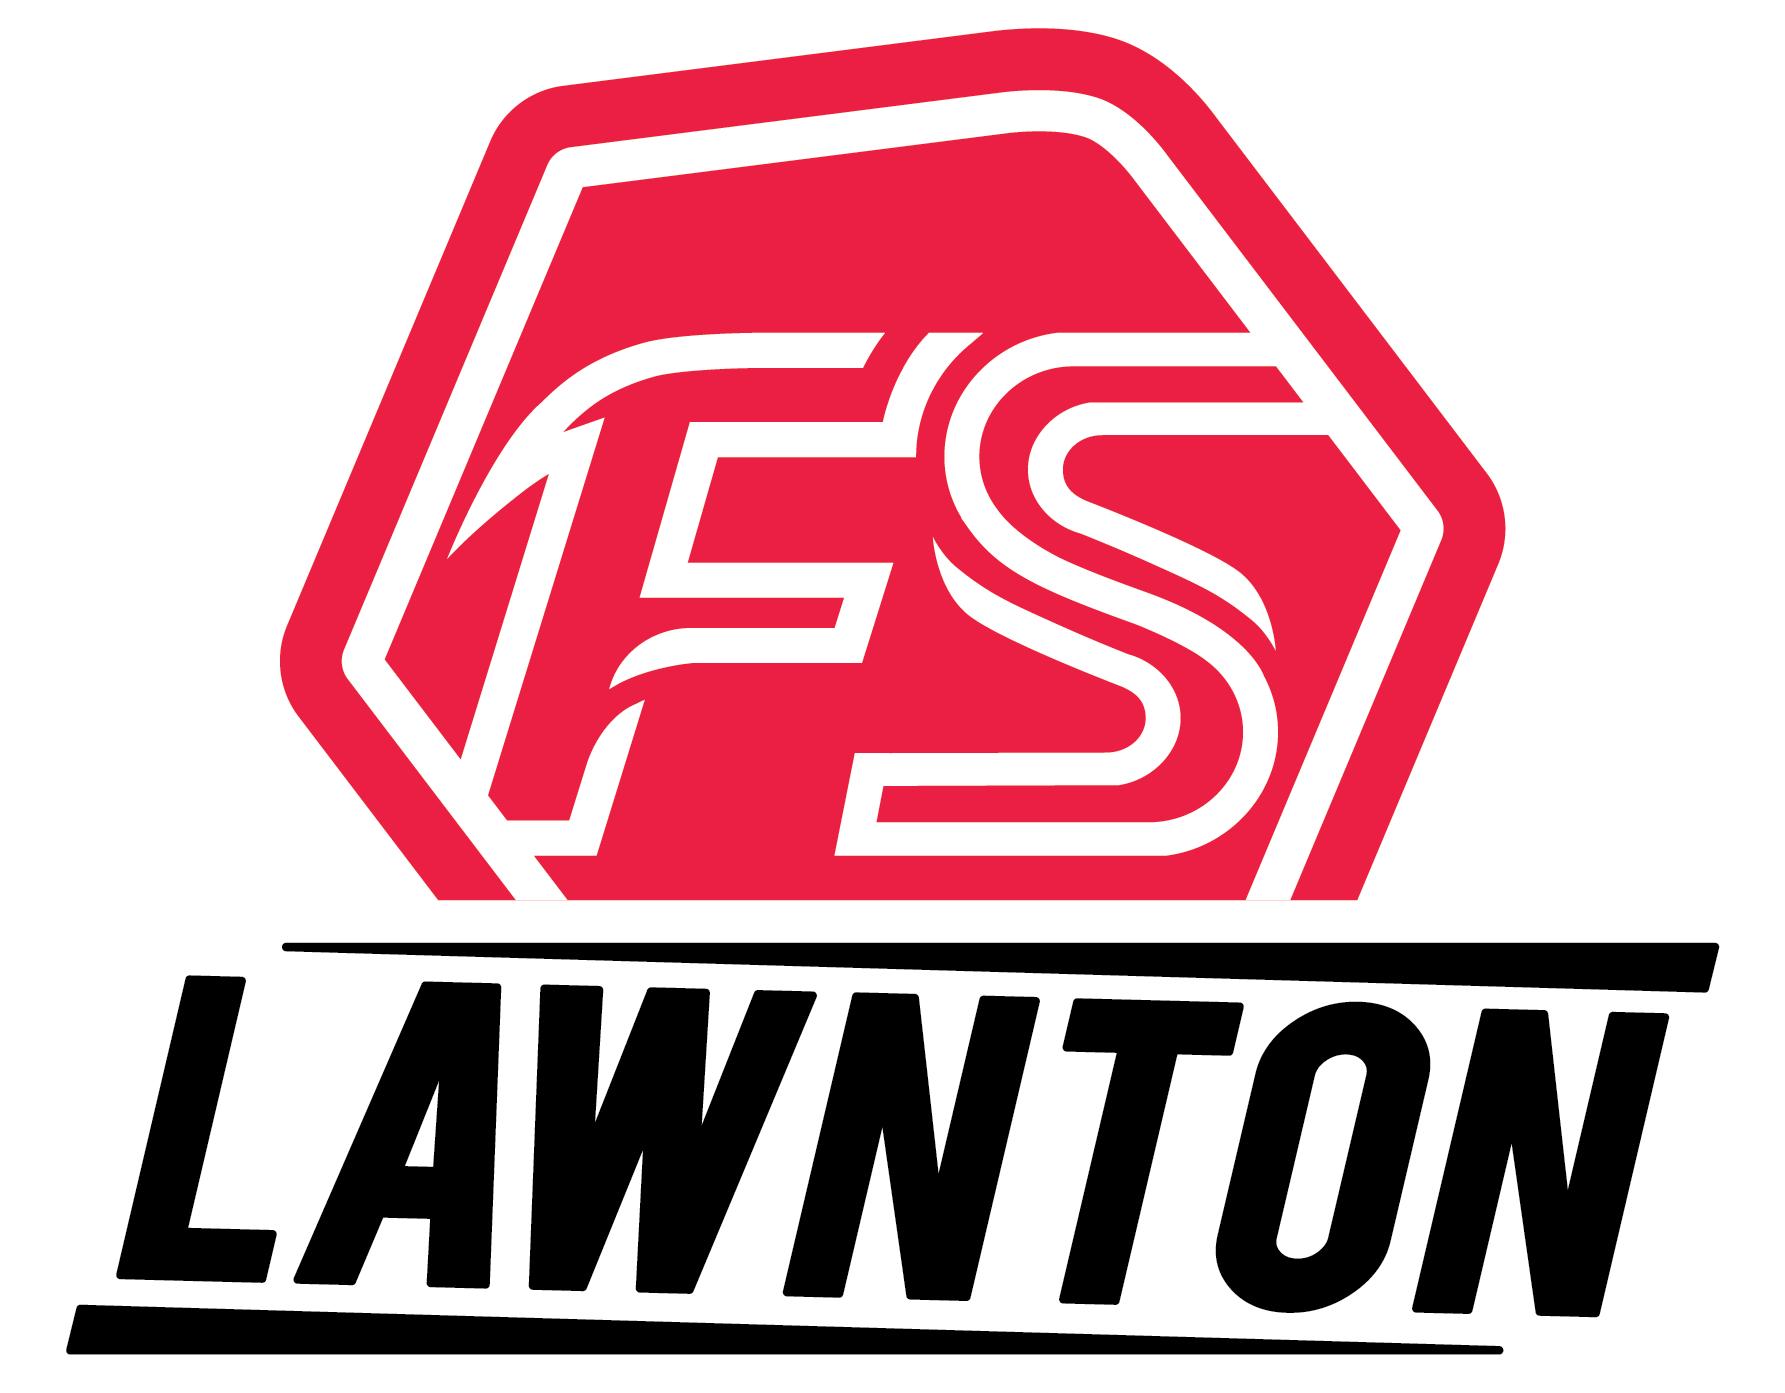 fitstop lawnton logo